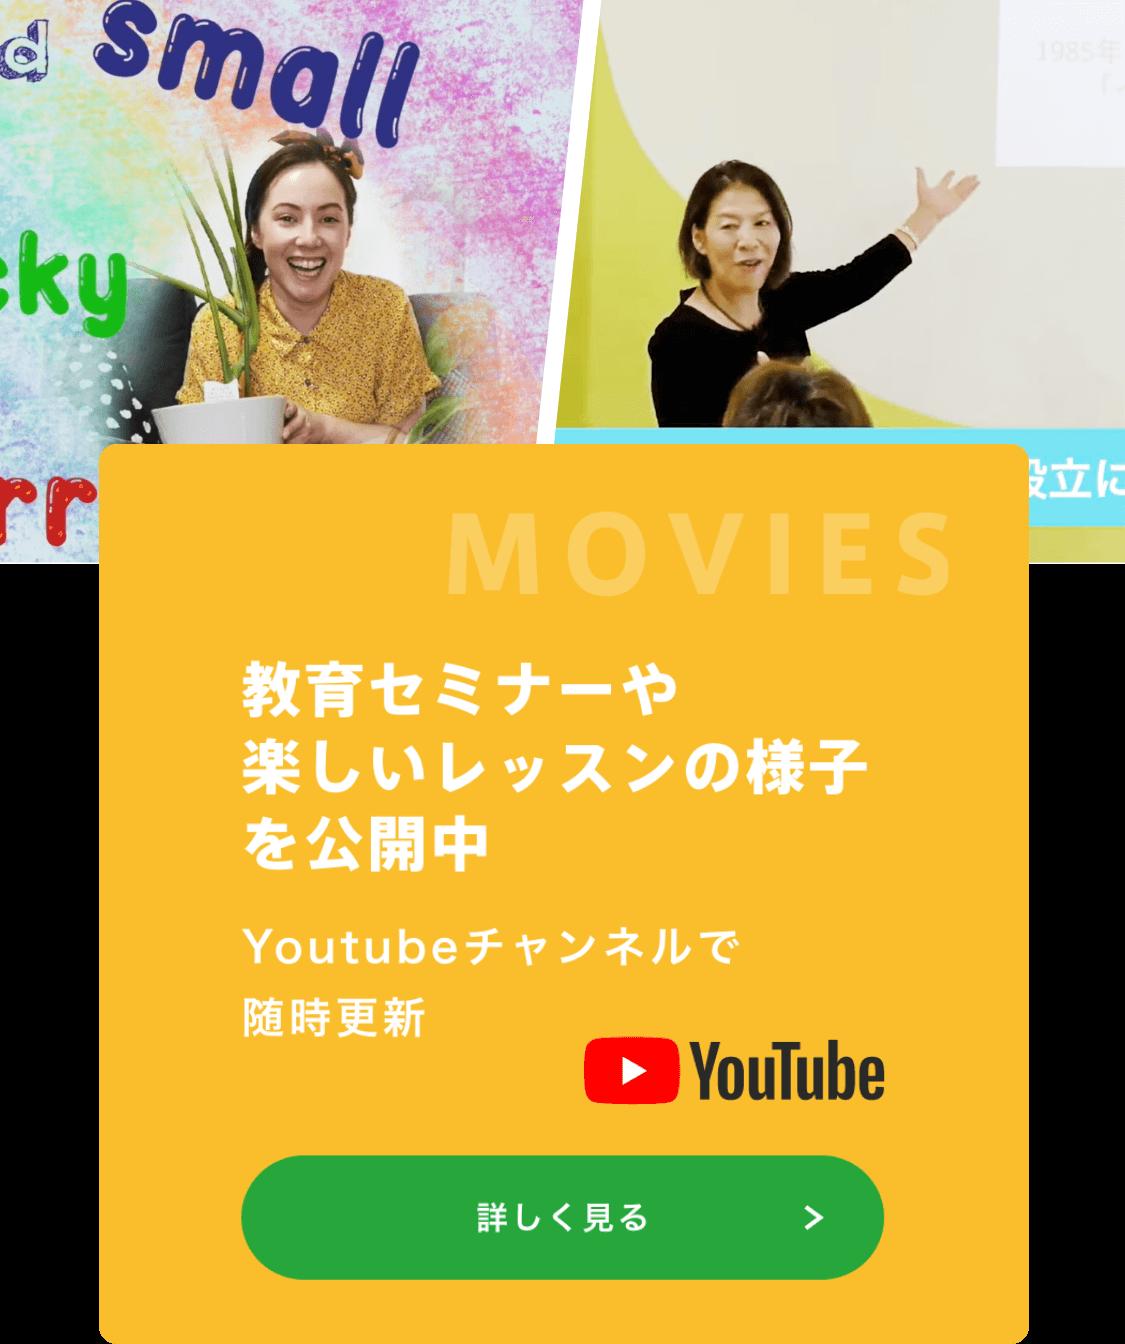 YouTubeチャンネルへのご案内